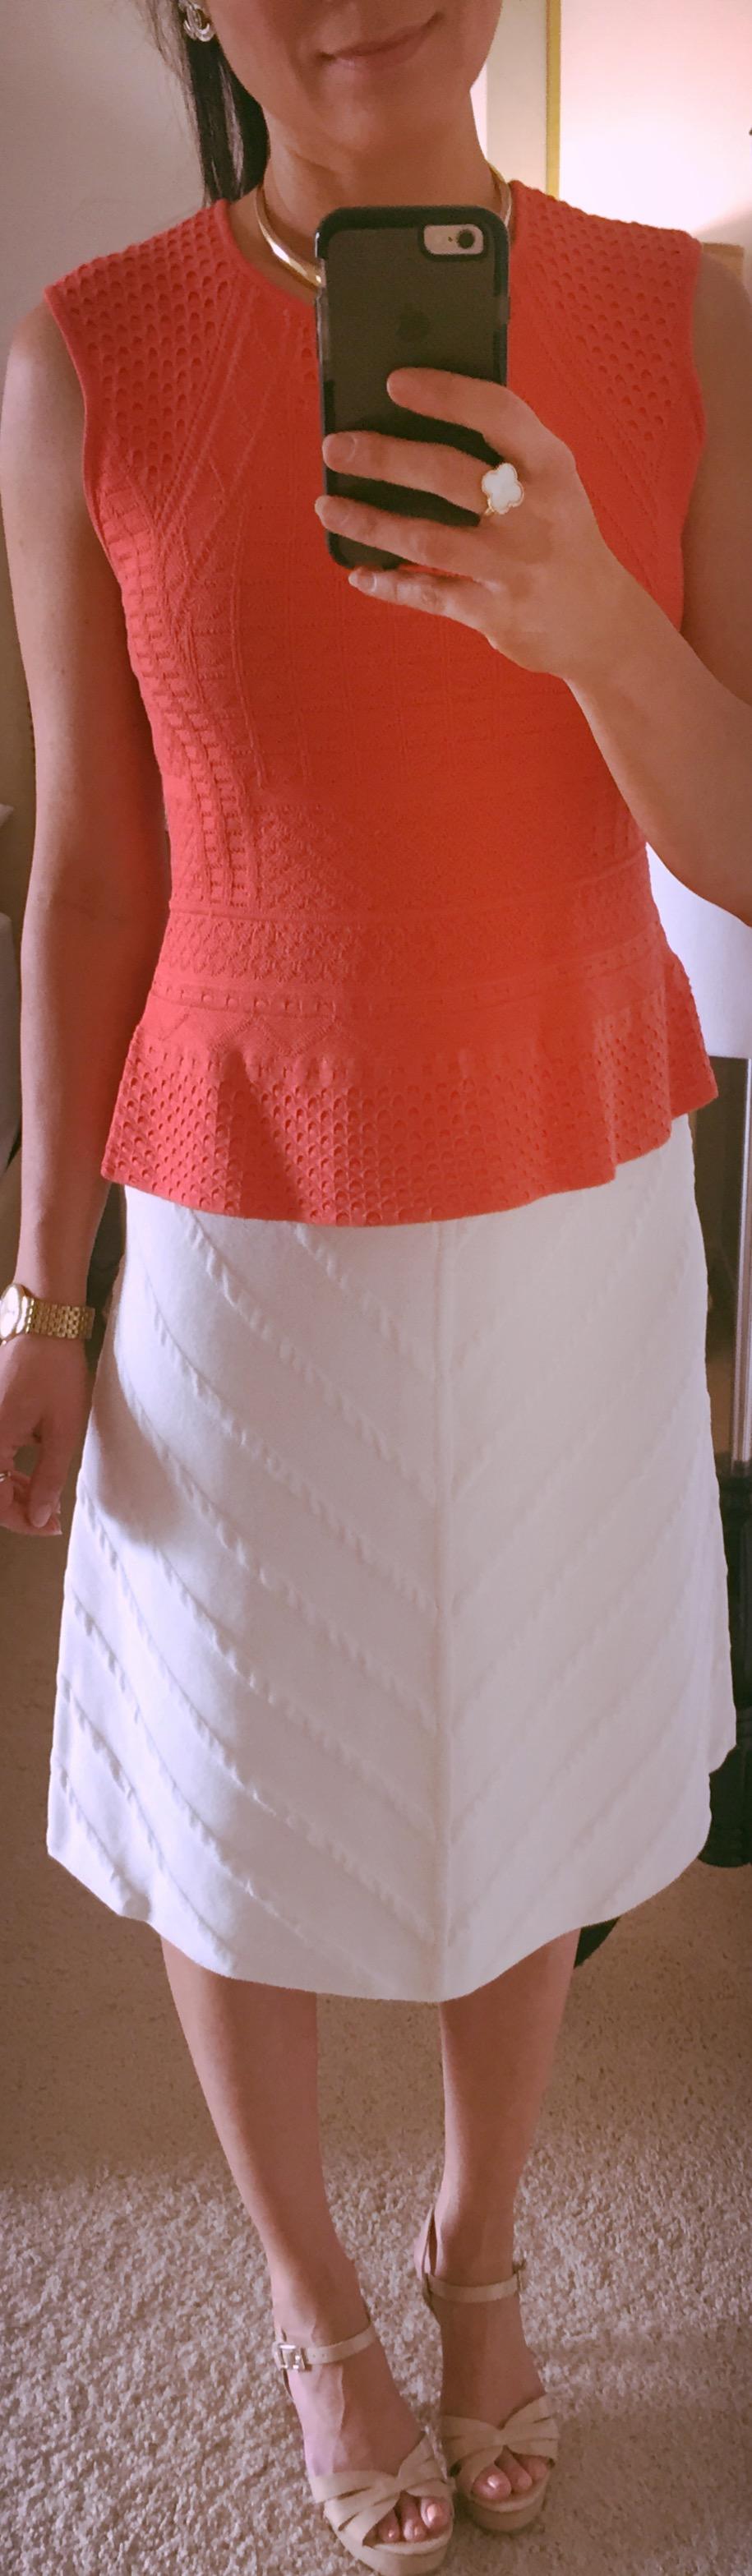 August 31, BCBG peplum top with Zara knit skirt